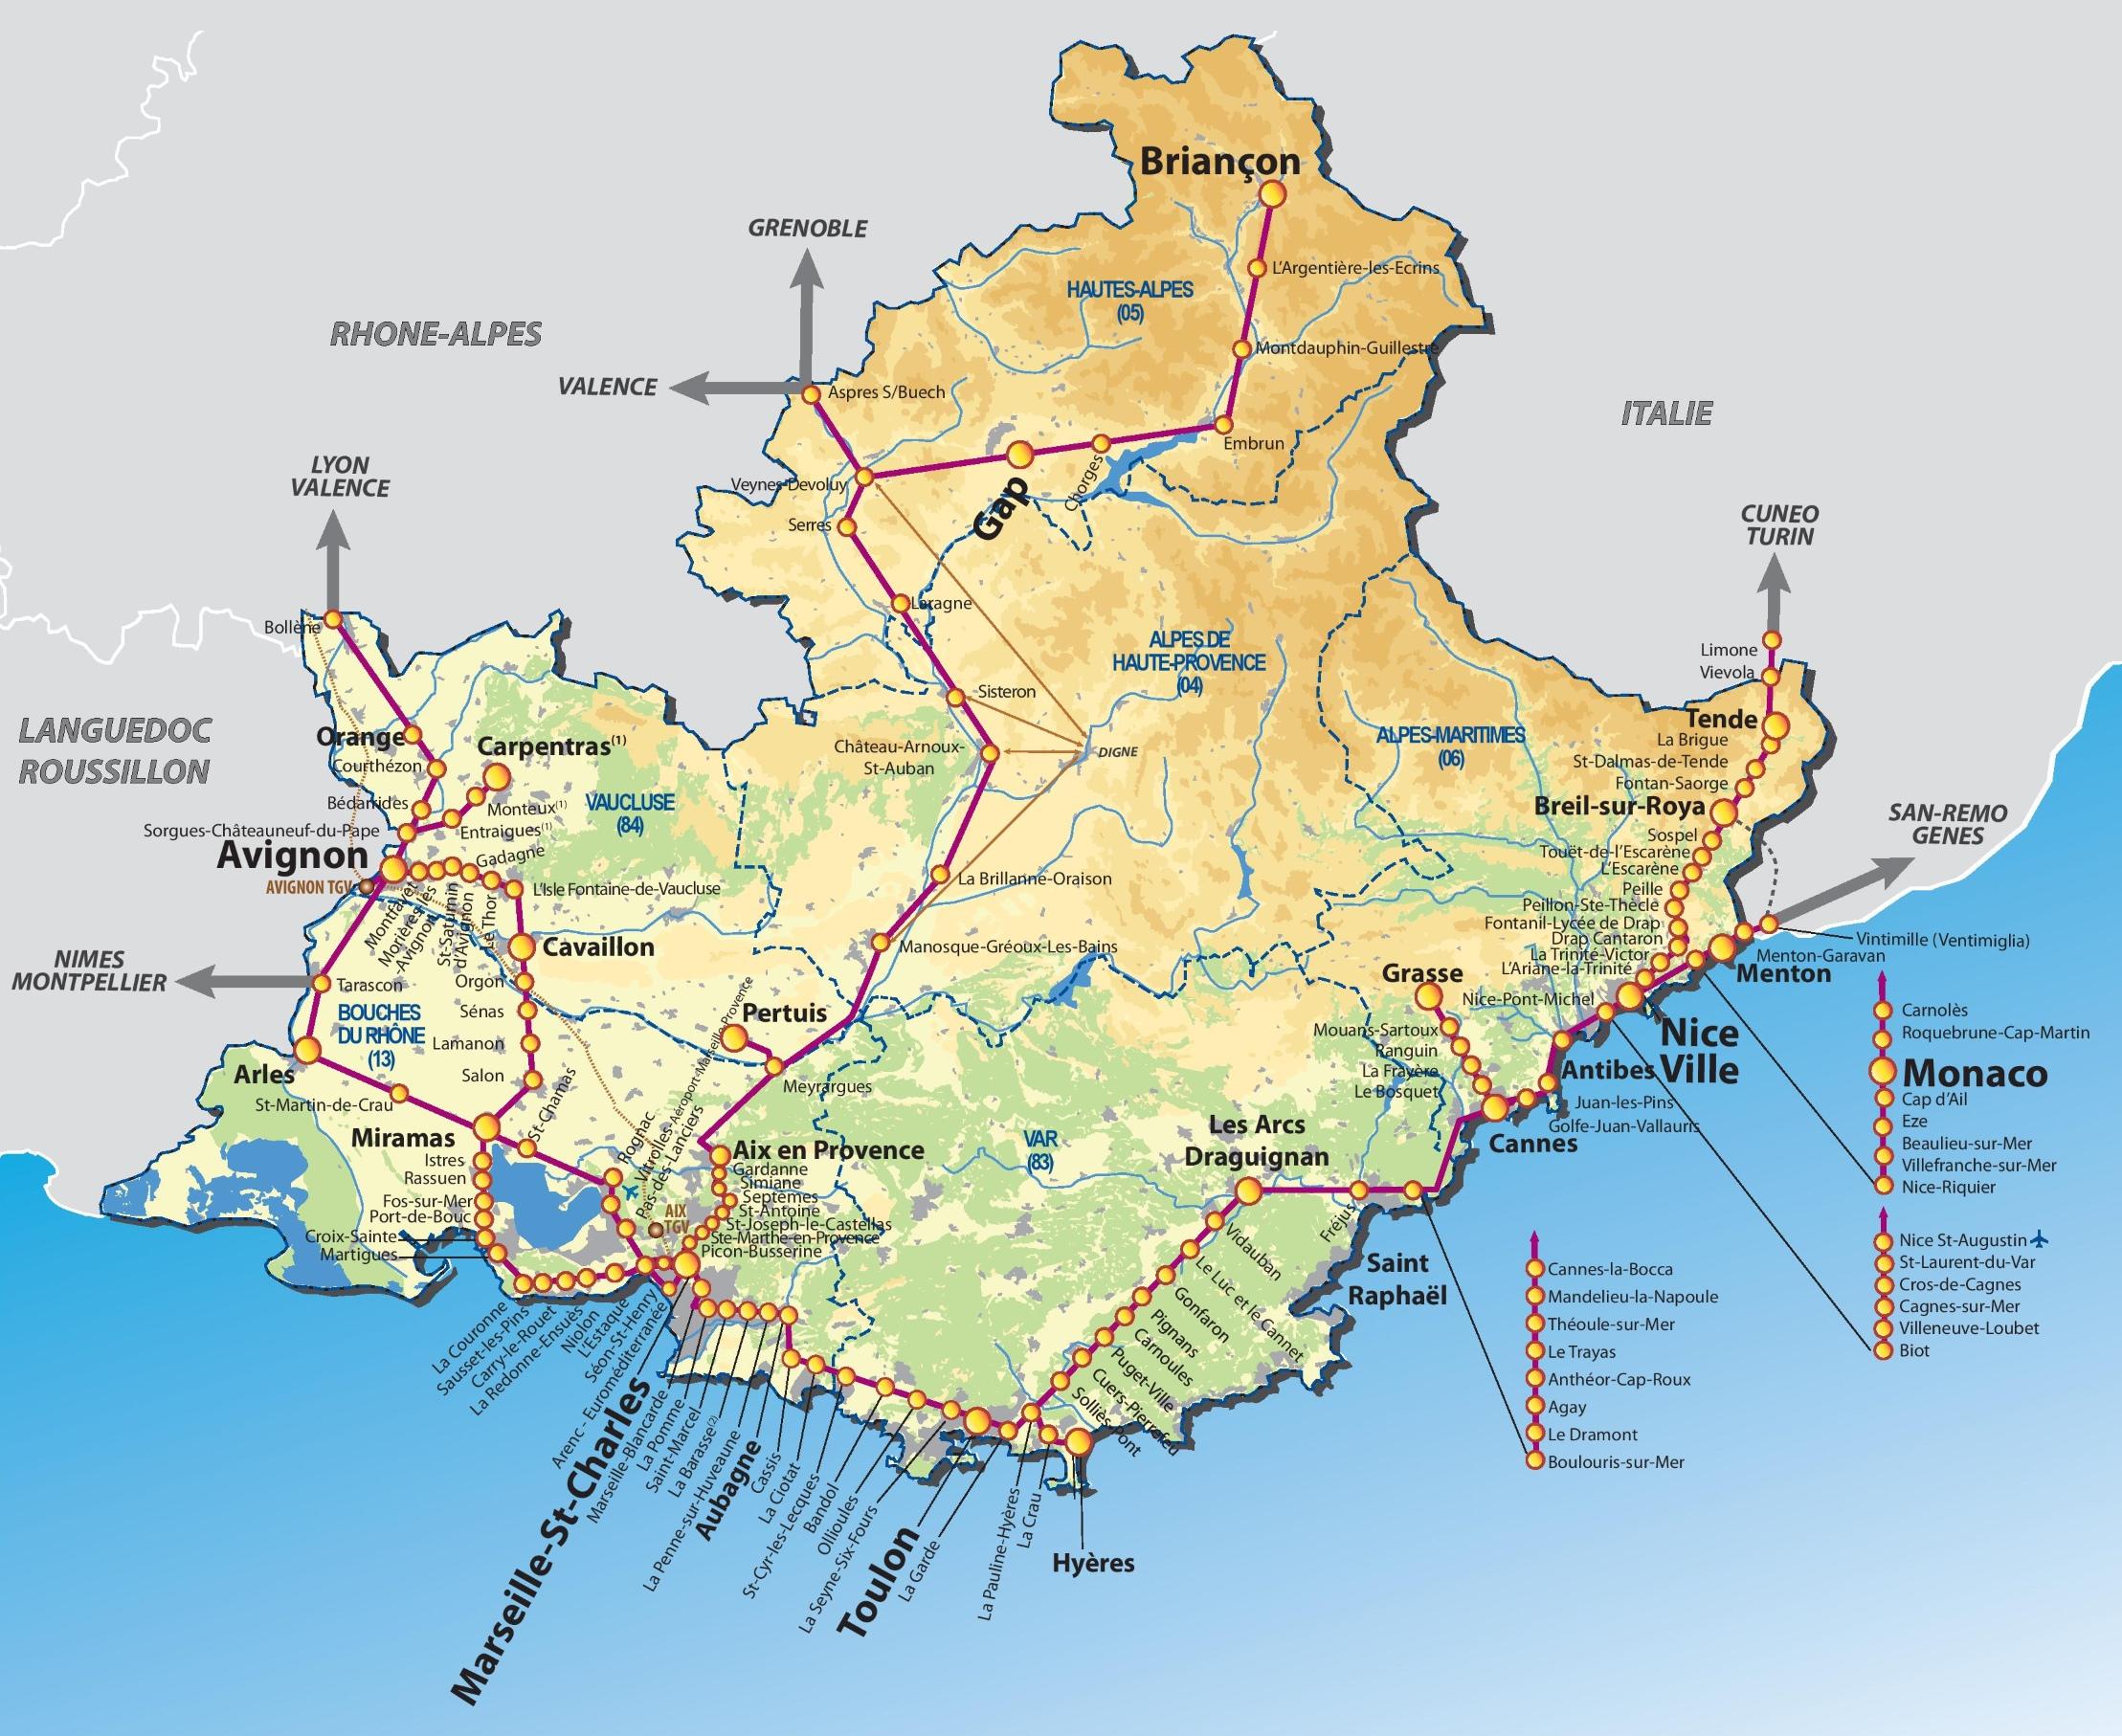 Map Of Cote D Azur Provence Alpes Côte d'Azur rail map Map Of Cote D Azur